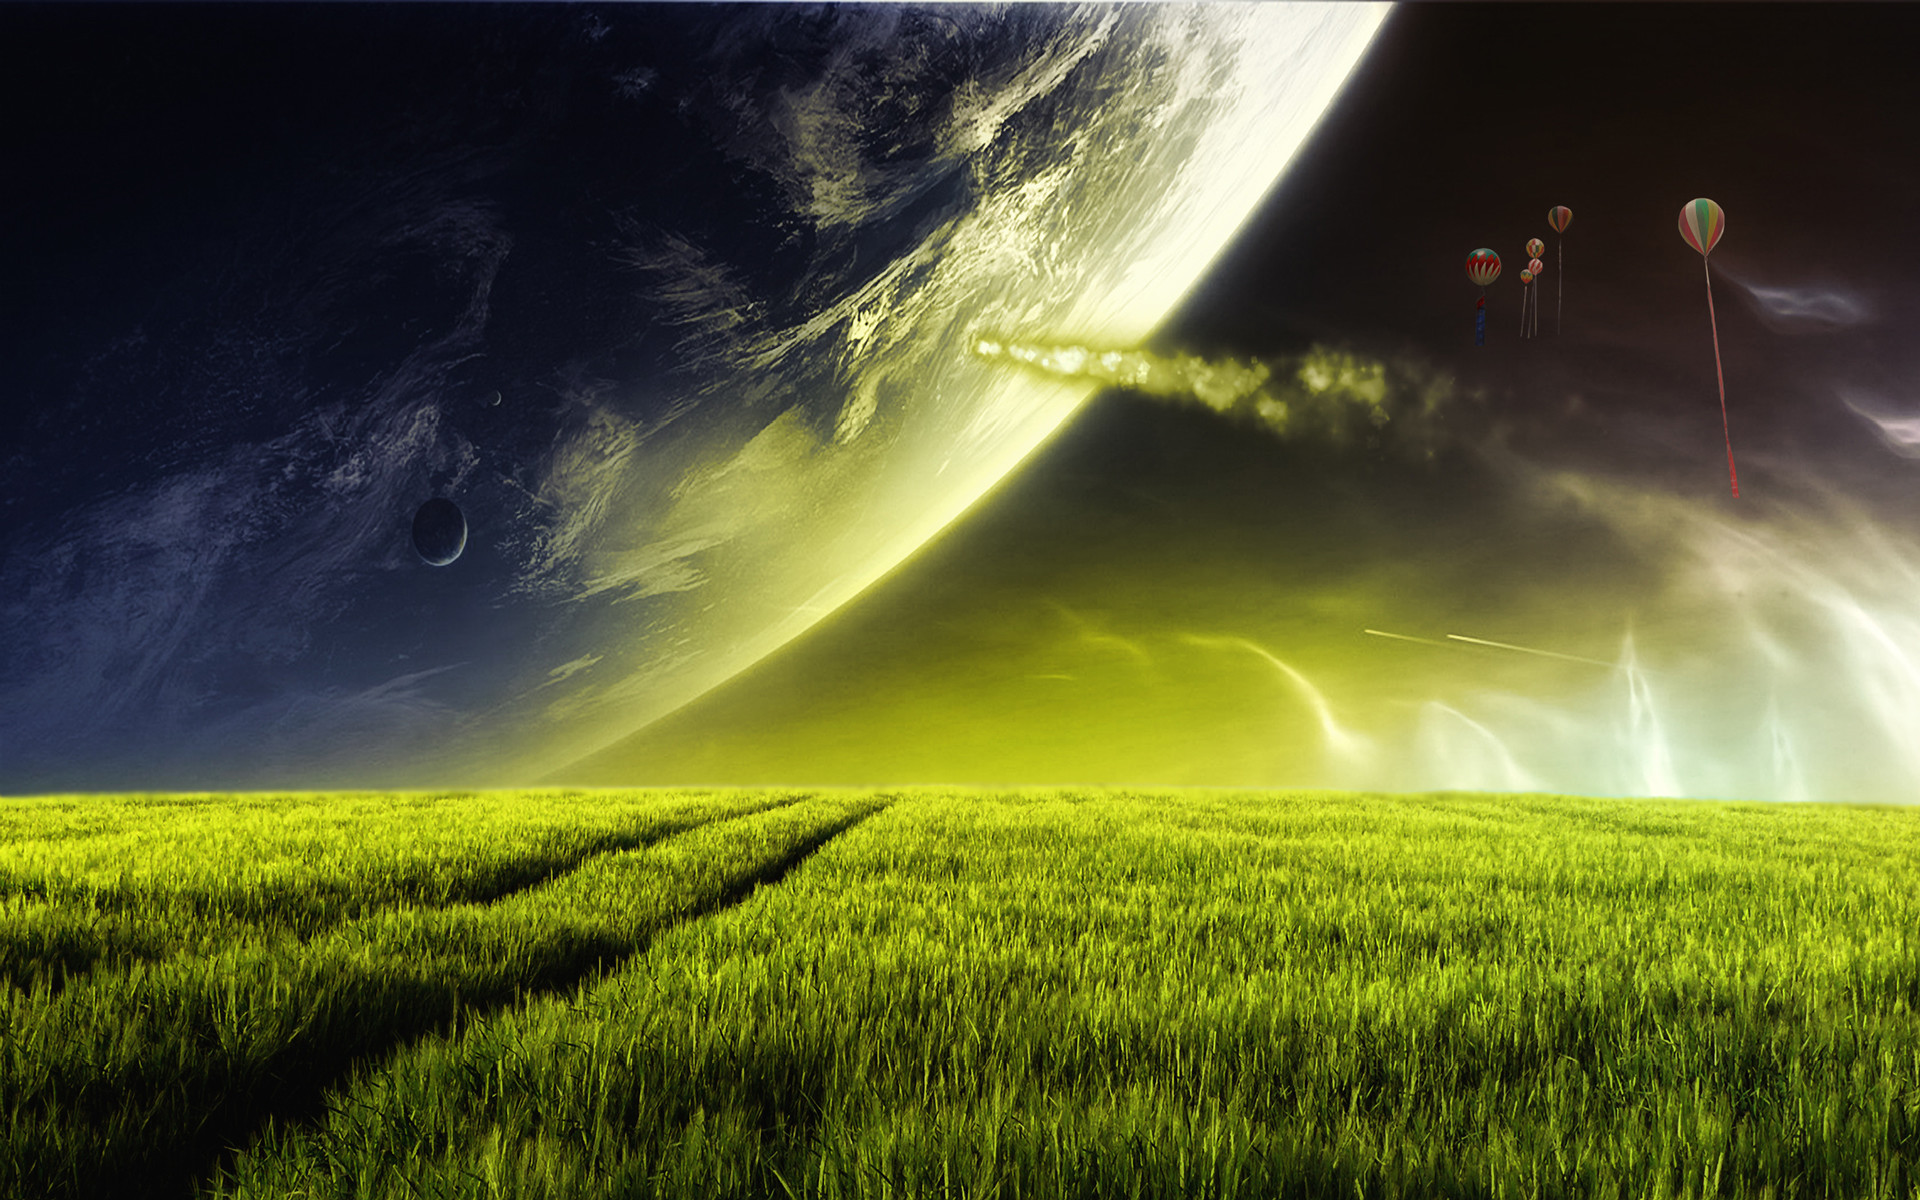 Alien Planet hd wallpaper by theOldMan